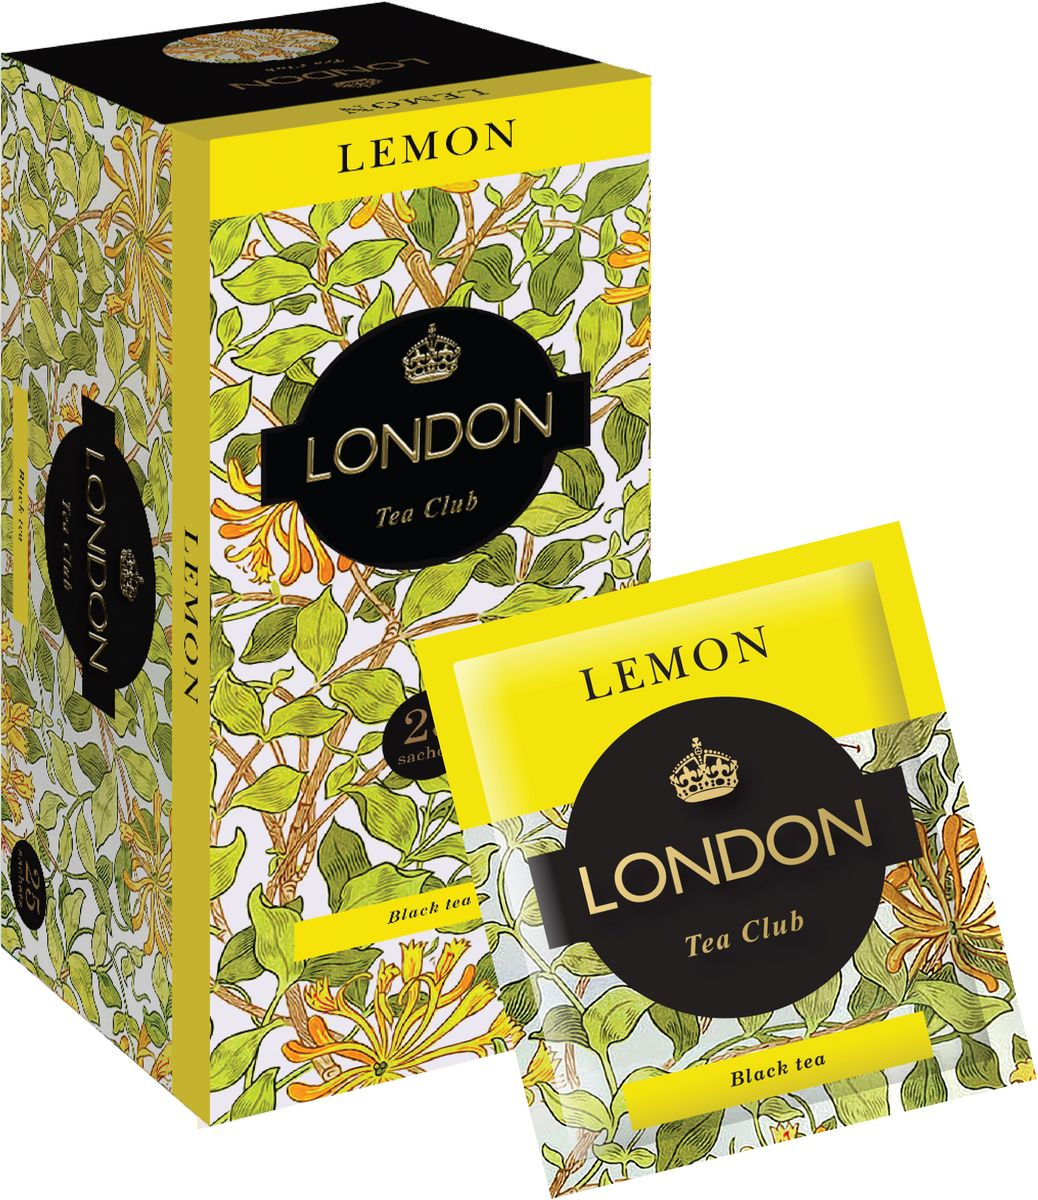 London Tea Club Лимон чай черный в пакетиках, 25 шт4607051543447Черный чай с добавлением лимона, традиционно любимый многими поклонниками чая за его крепкий насыщенный вкус и освежающий цитрусовый аромат.Всё о чае: сорта, факты, советы по выбору и употреблению. Статья OZON Гид